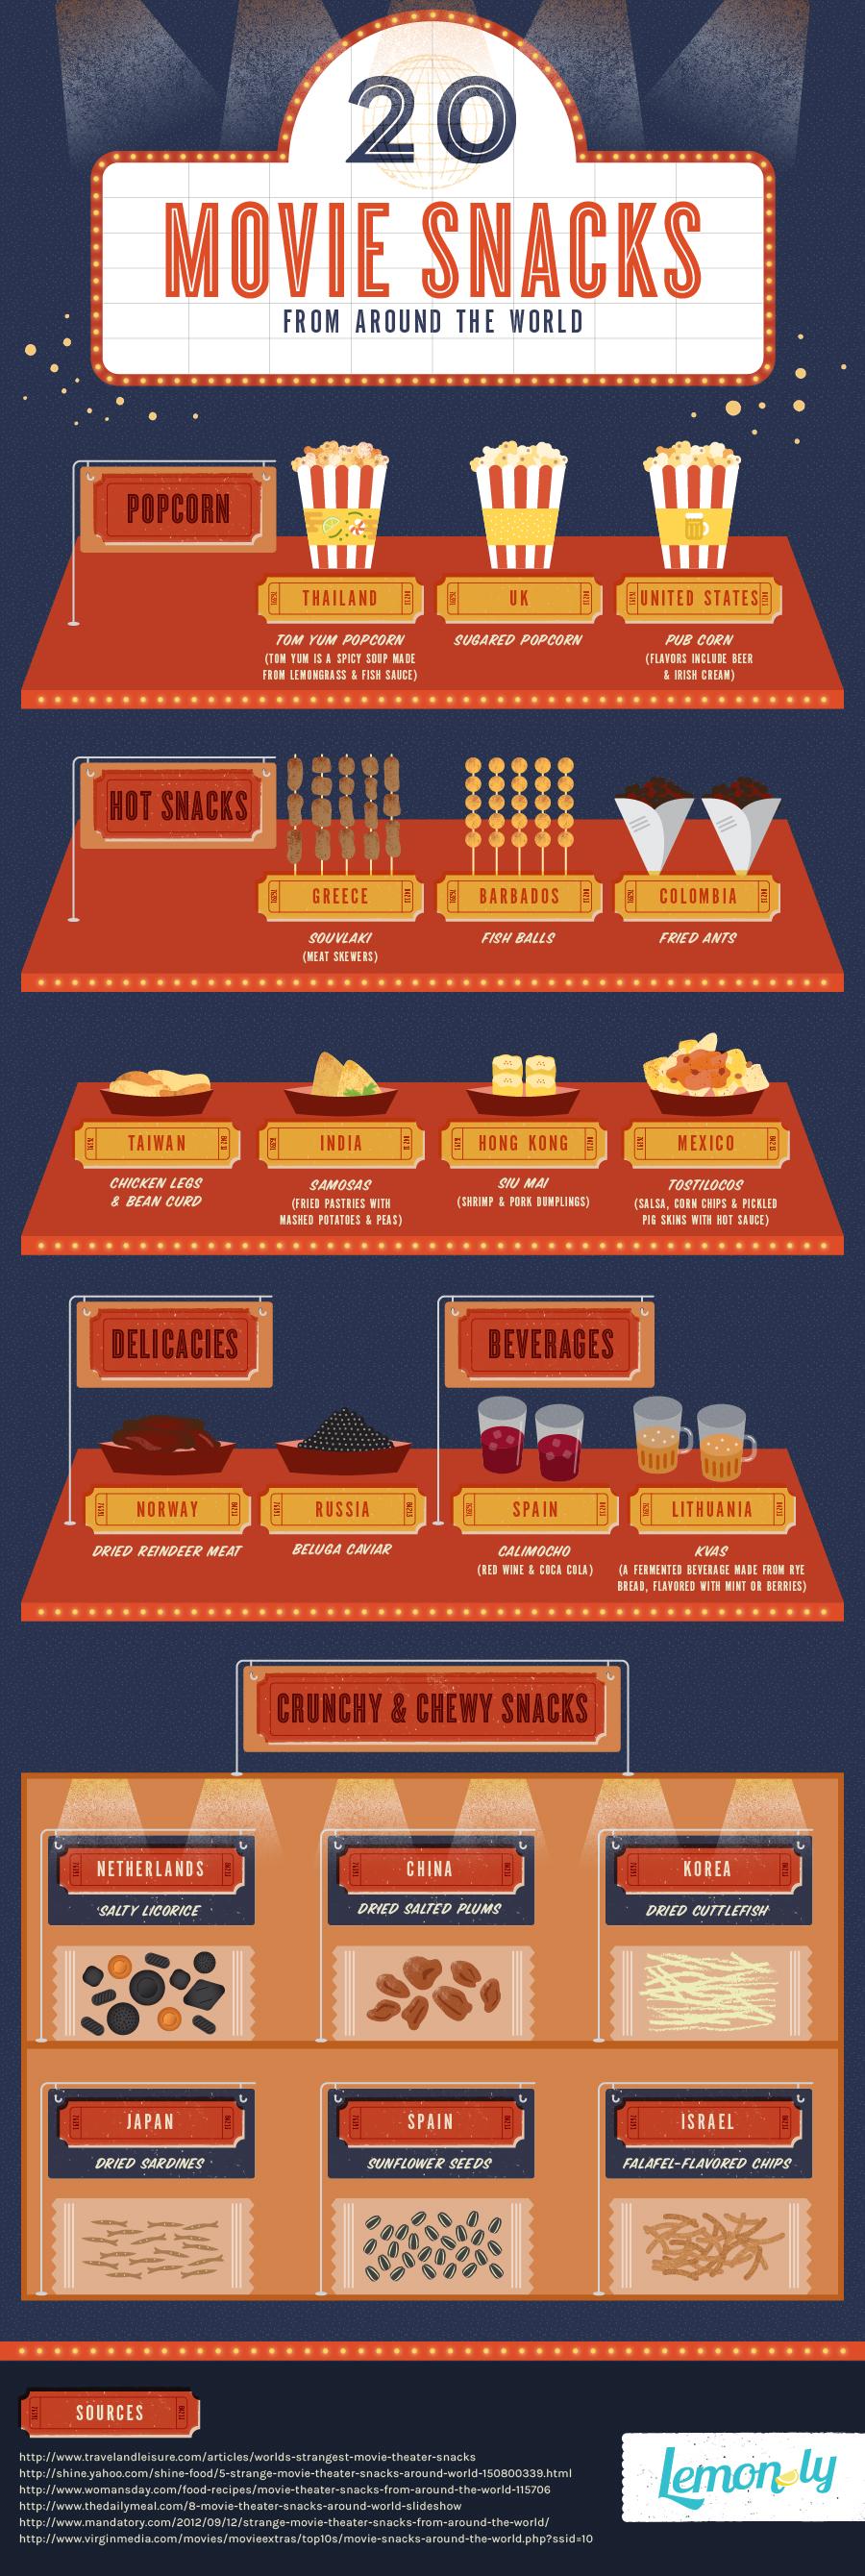 20 Movie Snacks Around the World